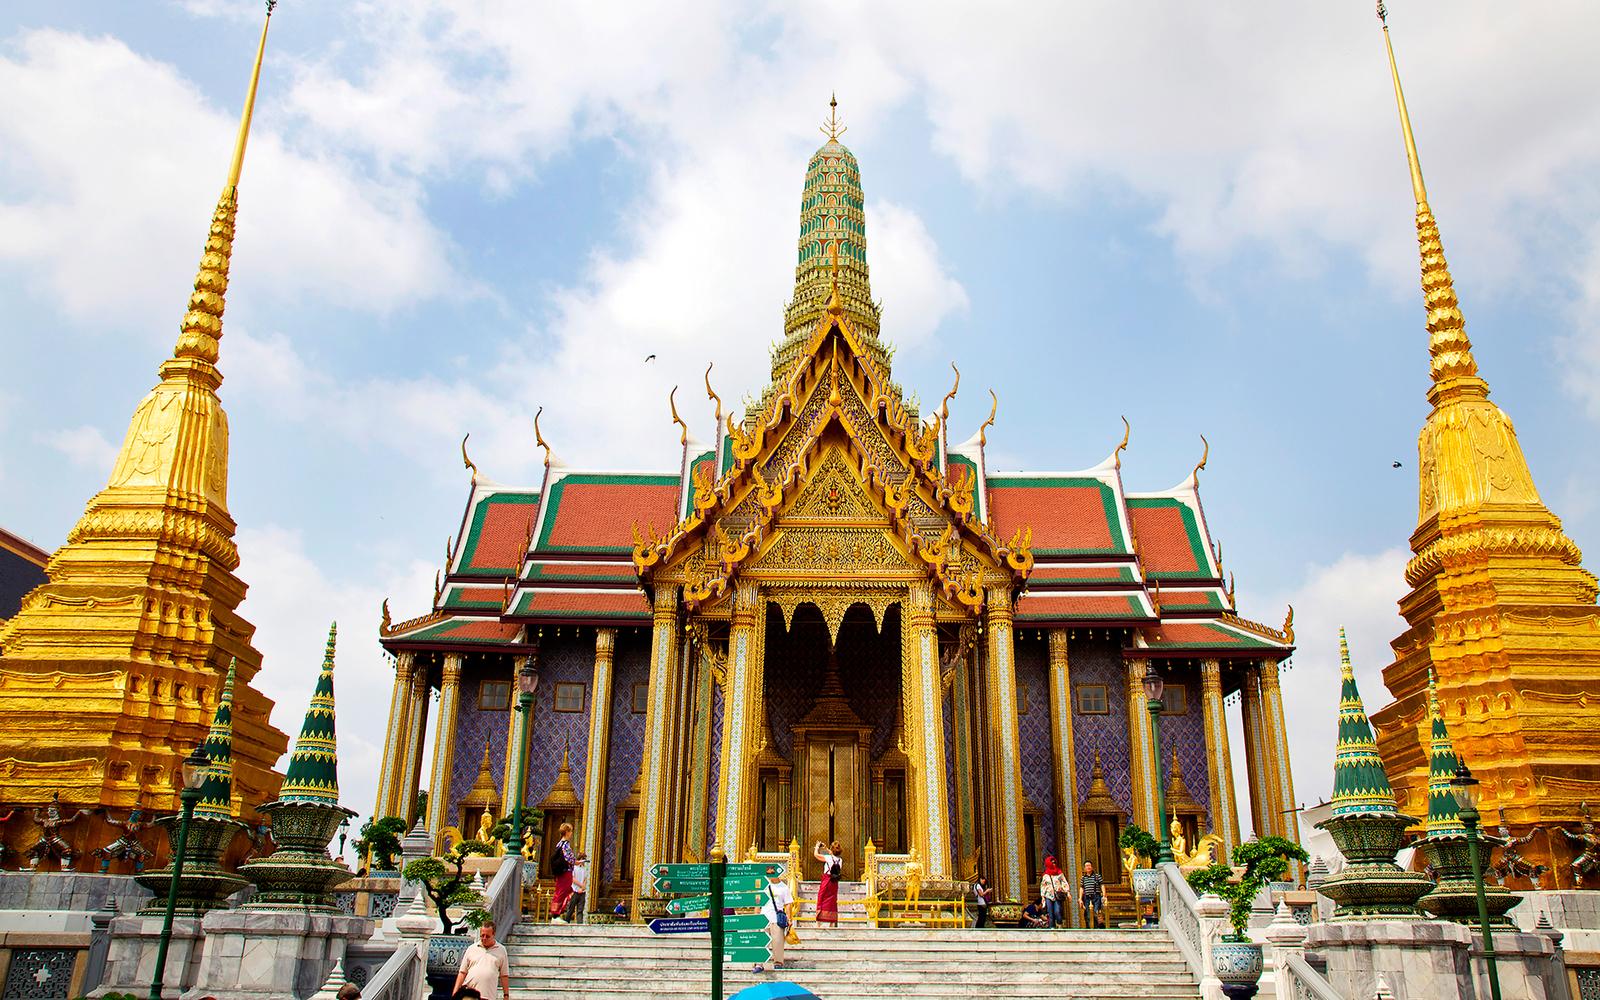 Du lịch Thái Lan: Bangkok - Pattaya 5 ngày